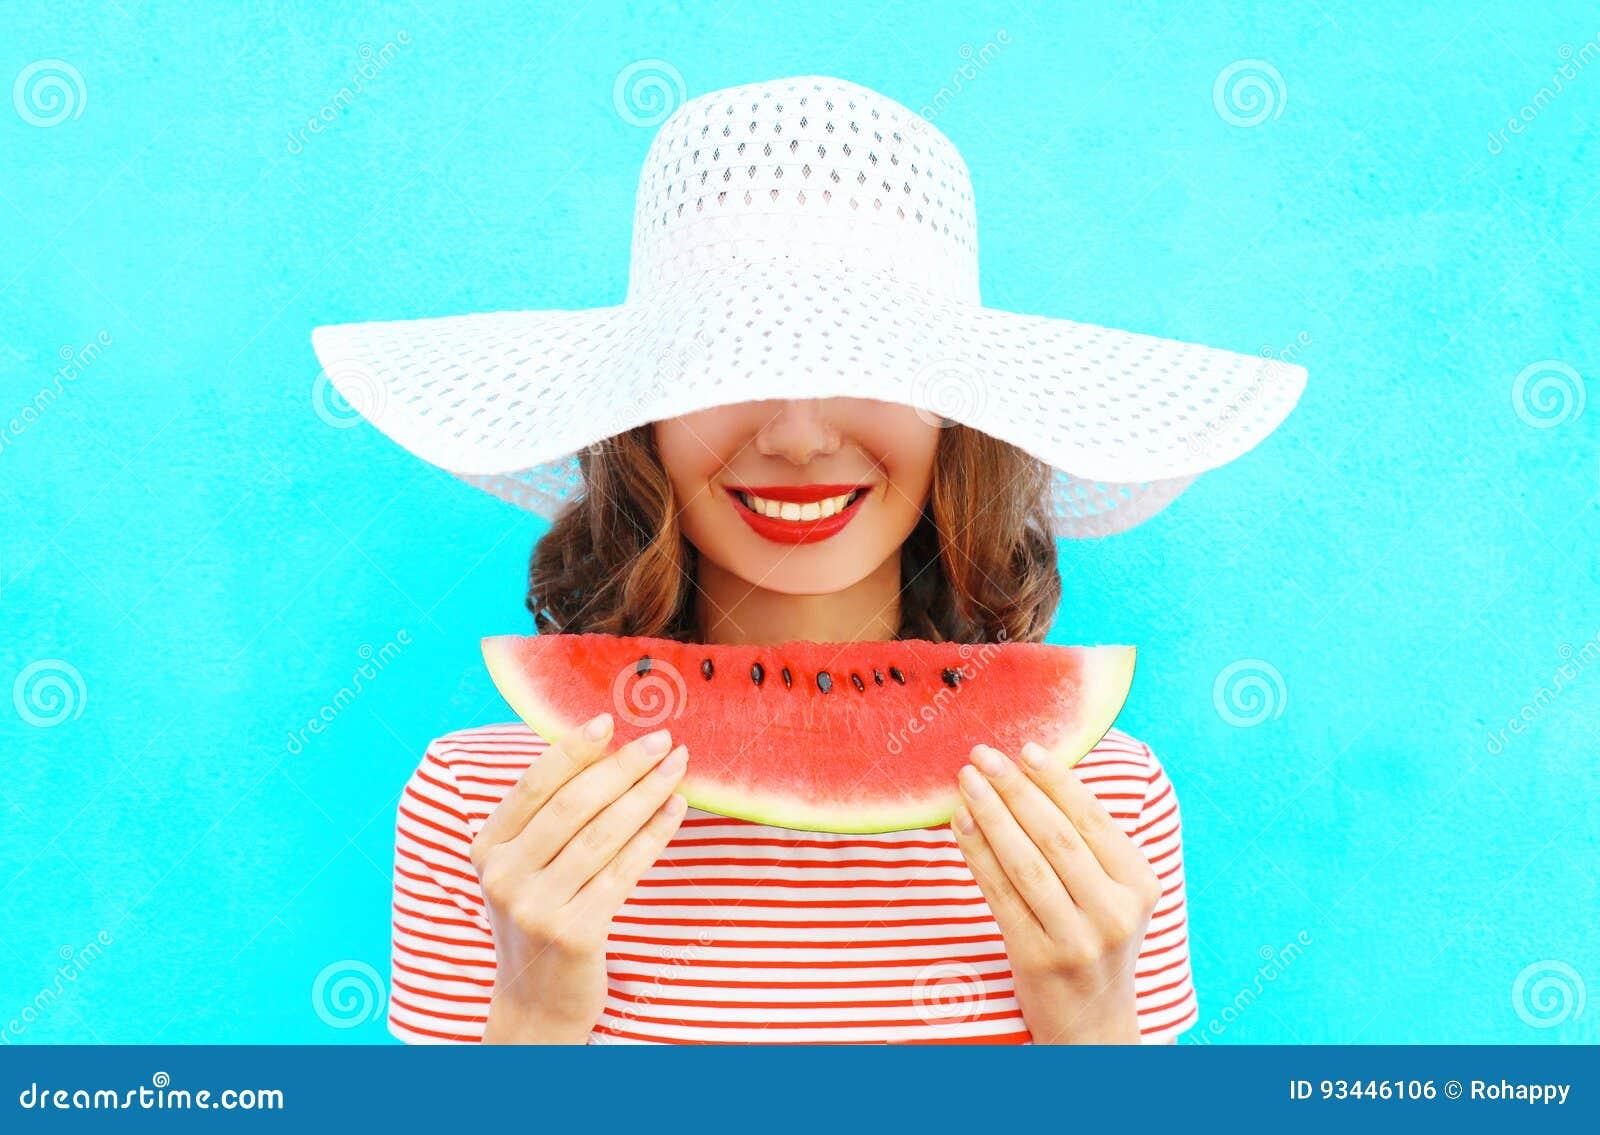 La mujer joven sonriente feliz del retrato de la moda está llevando a cabo una rebanada de sandía en un sombrero de paja